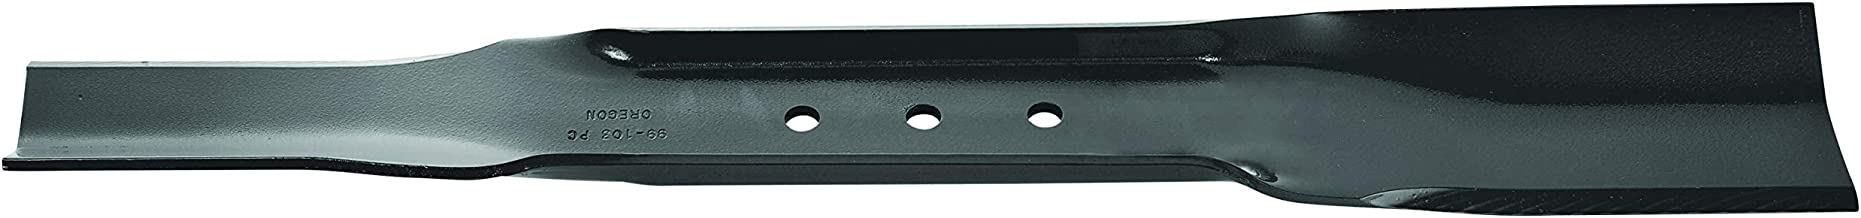 snapper blade 26691